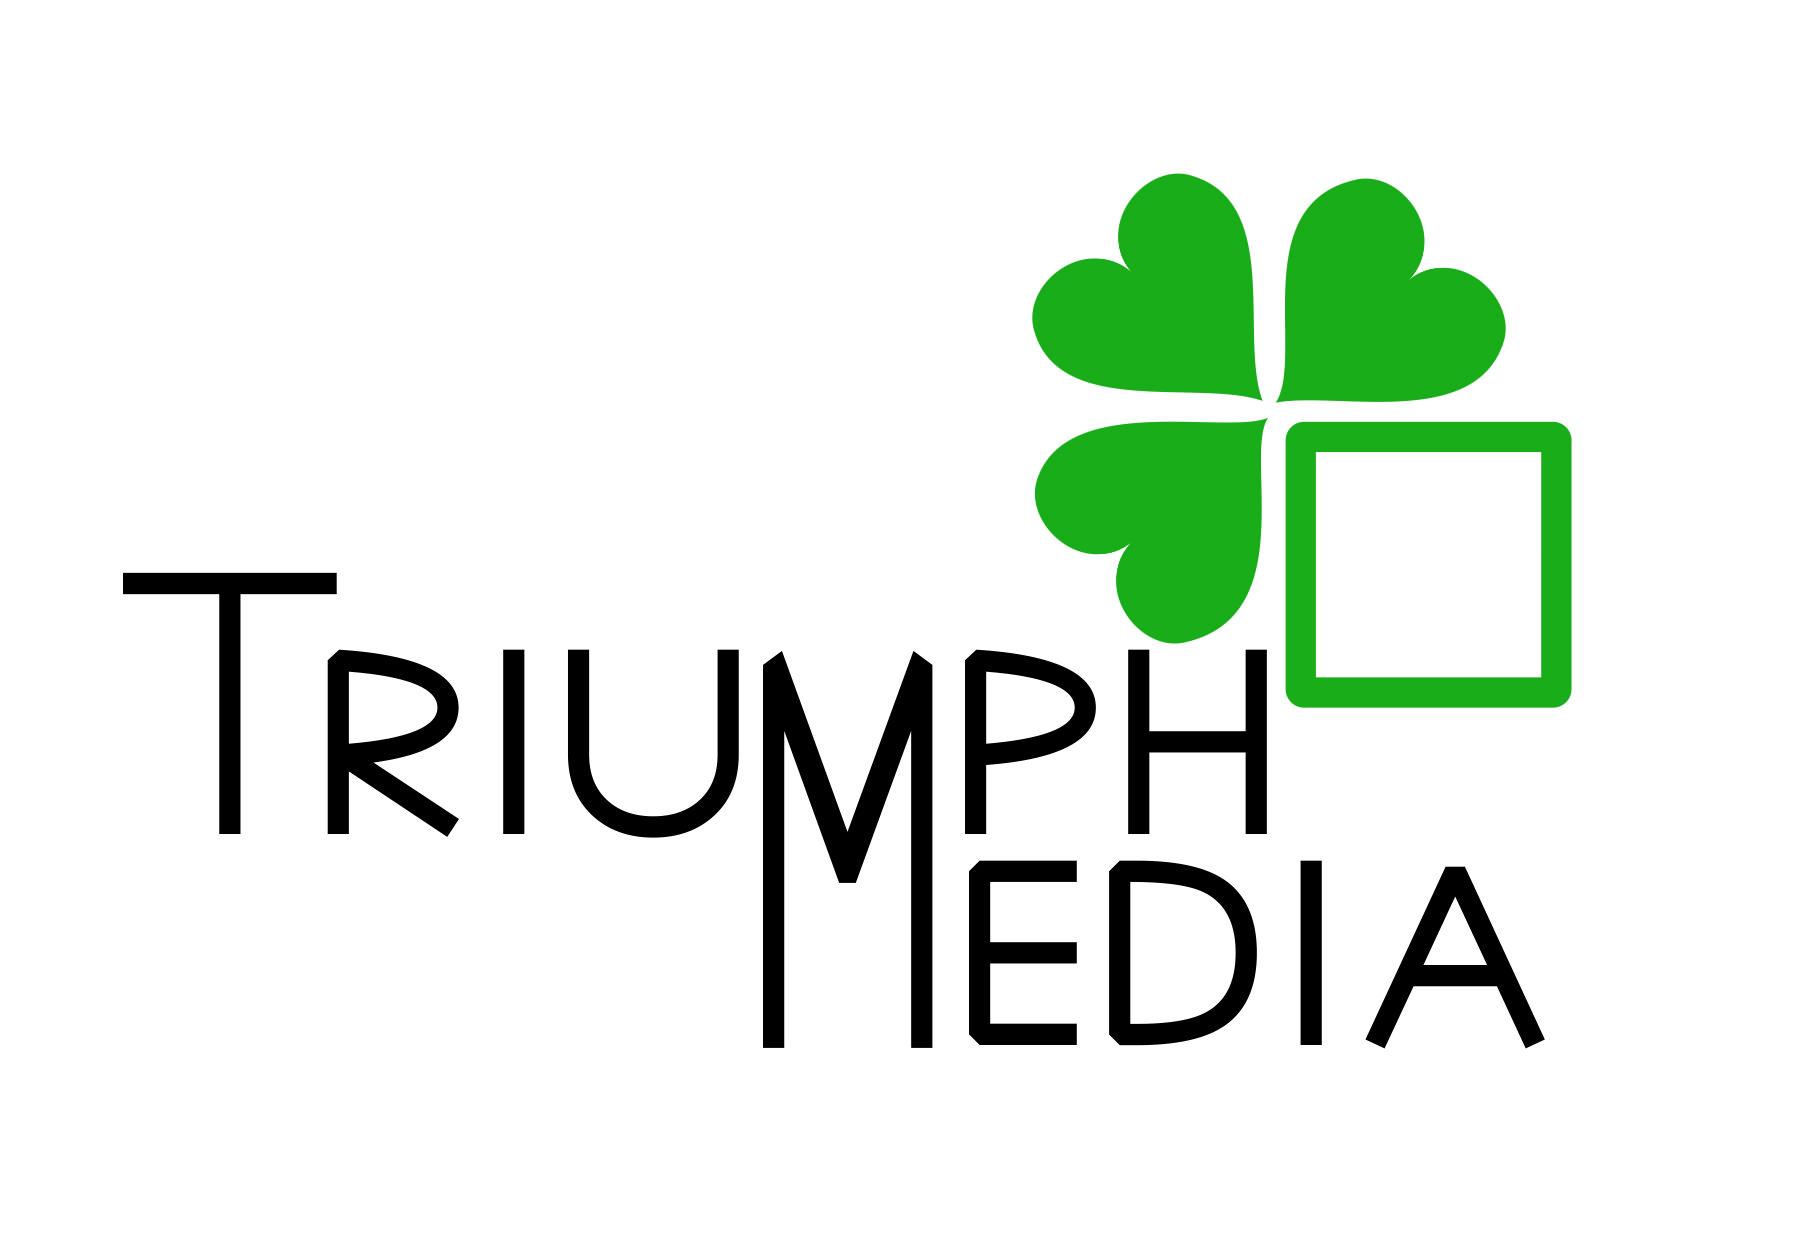 Разработка логотипа  TRIUMPH MEDIA с изображением клевера фото f_507428f9e573f.jpg